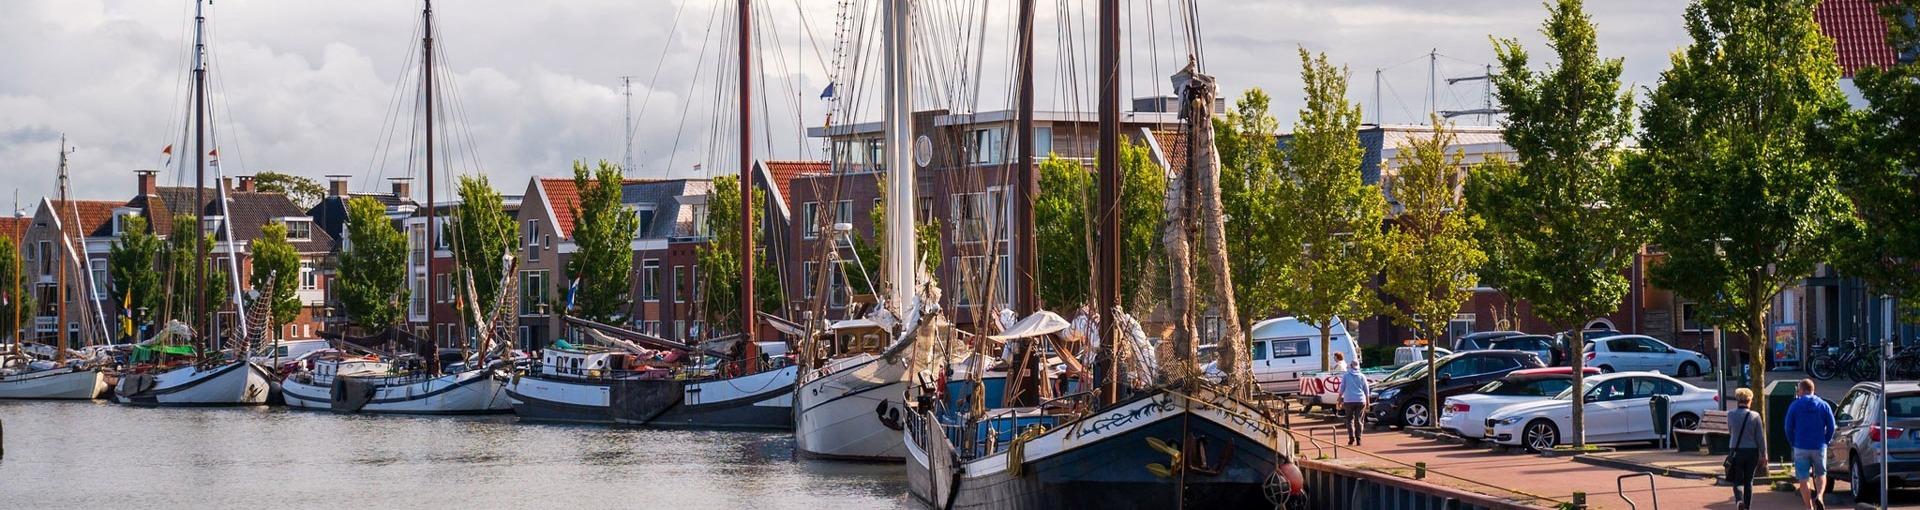 De haven van Harlingen met boten in het water